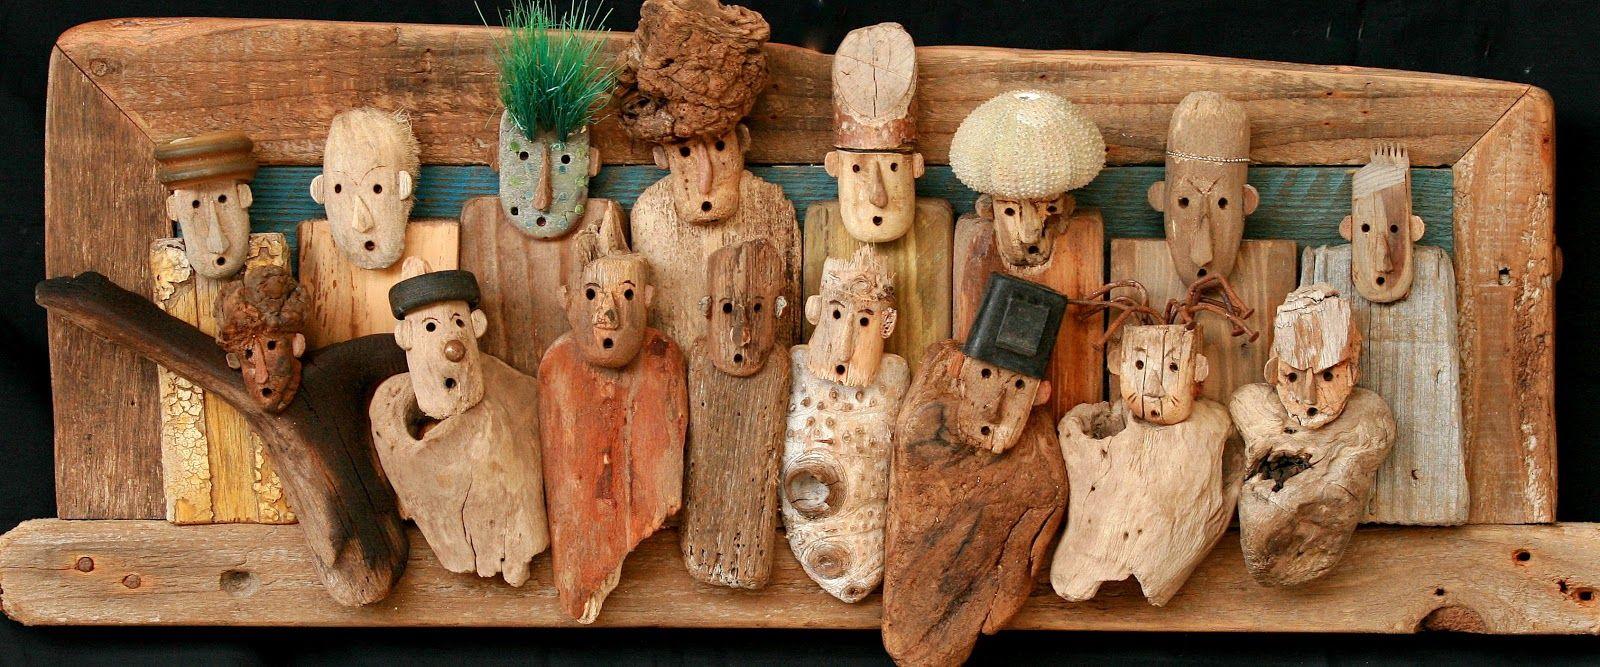 Figuren im Zaun... | Garten und Kunst | Pinterest | Zäune, Figuren ...